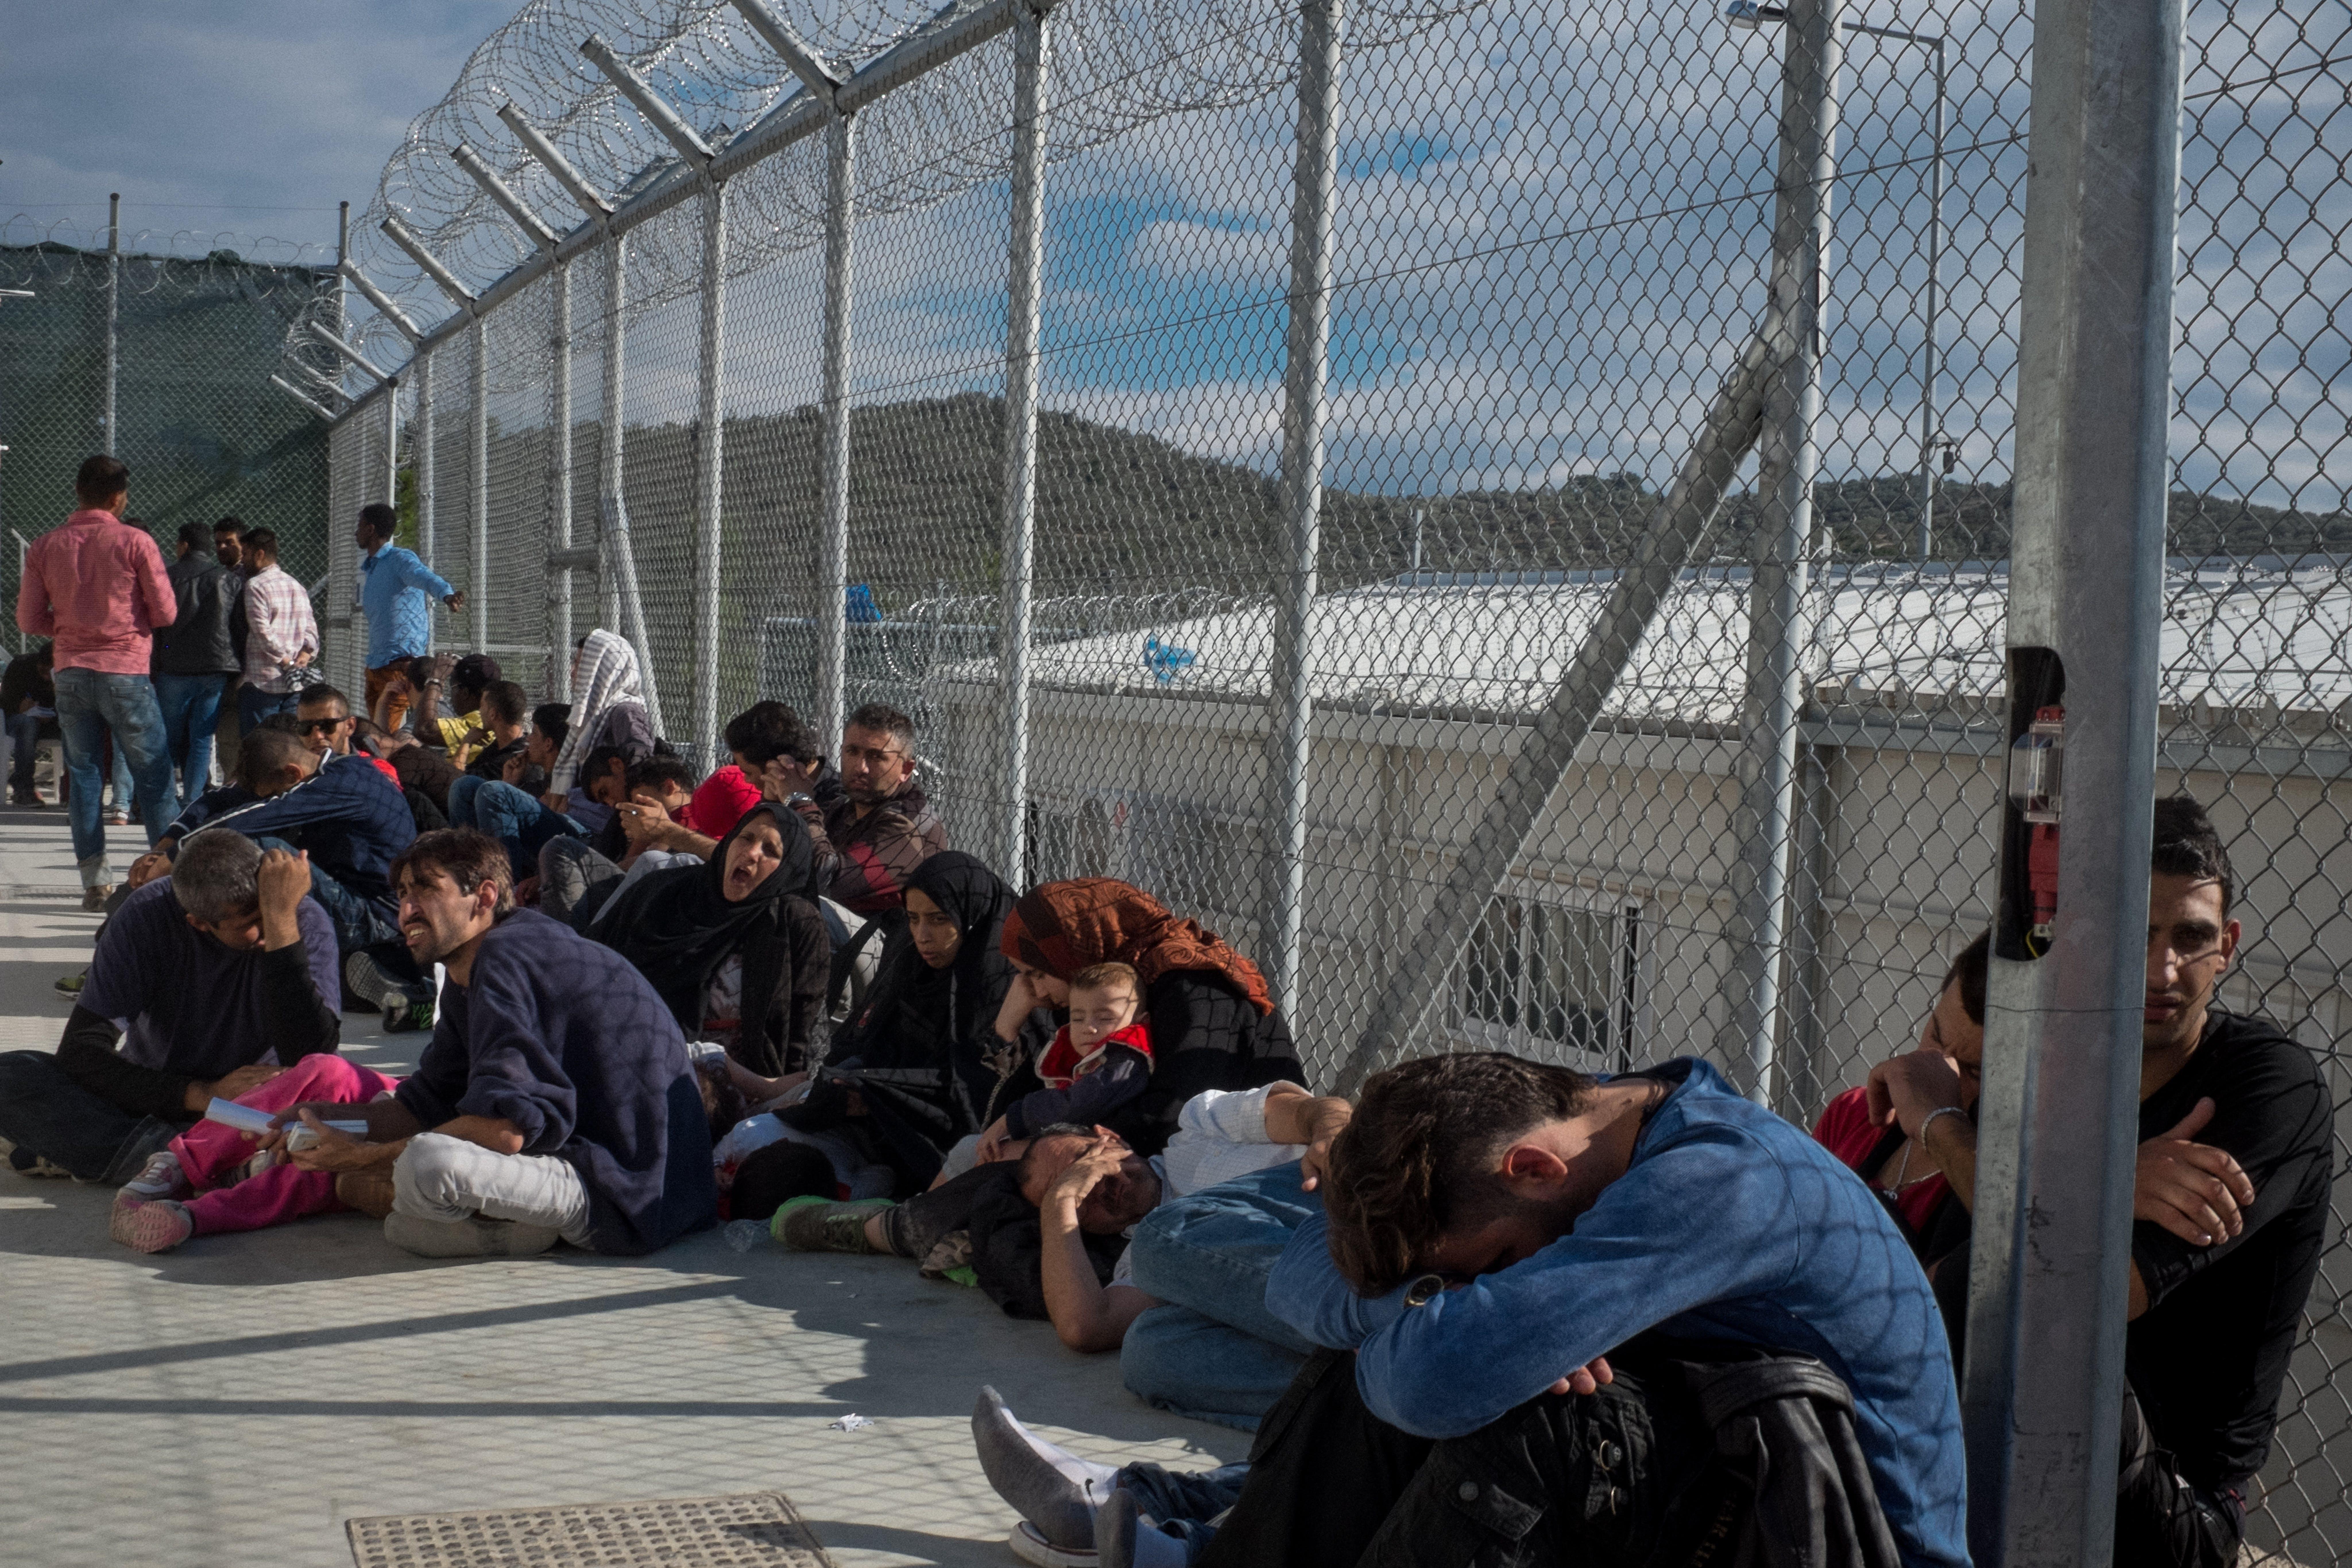 Grecia, isola di Lesbo: bambini e adulti in attesa presso il centro di accoglienza di Moria per rifugiati e migranti